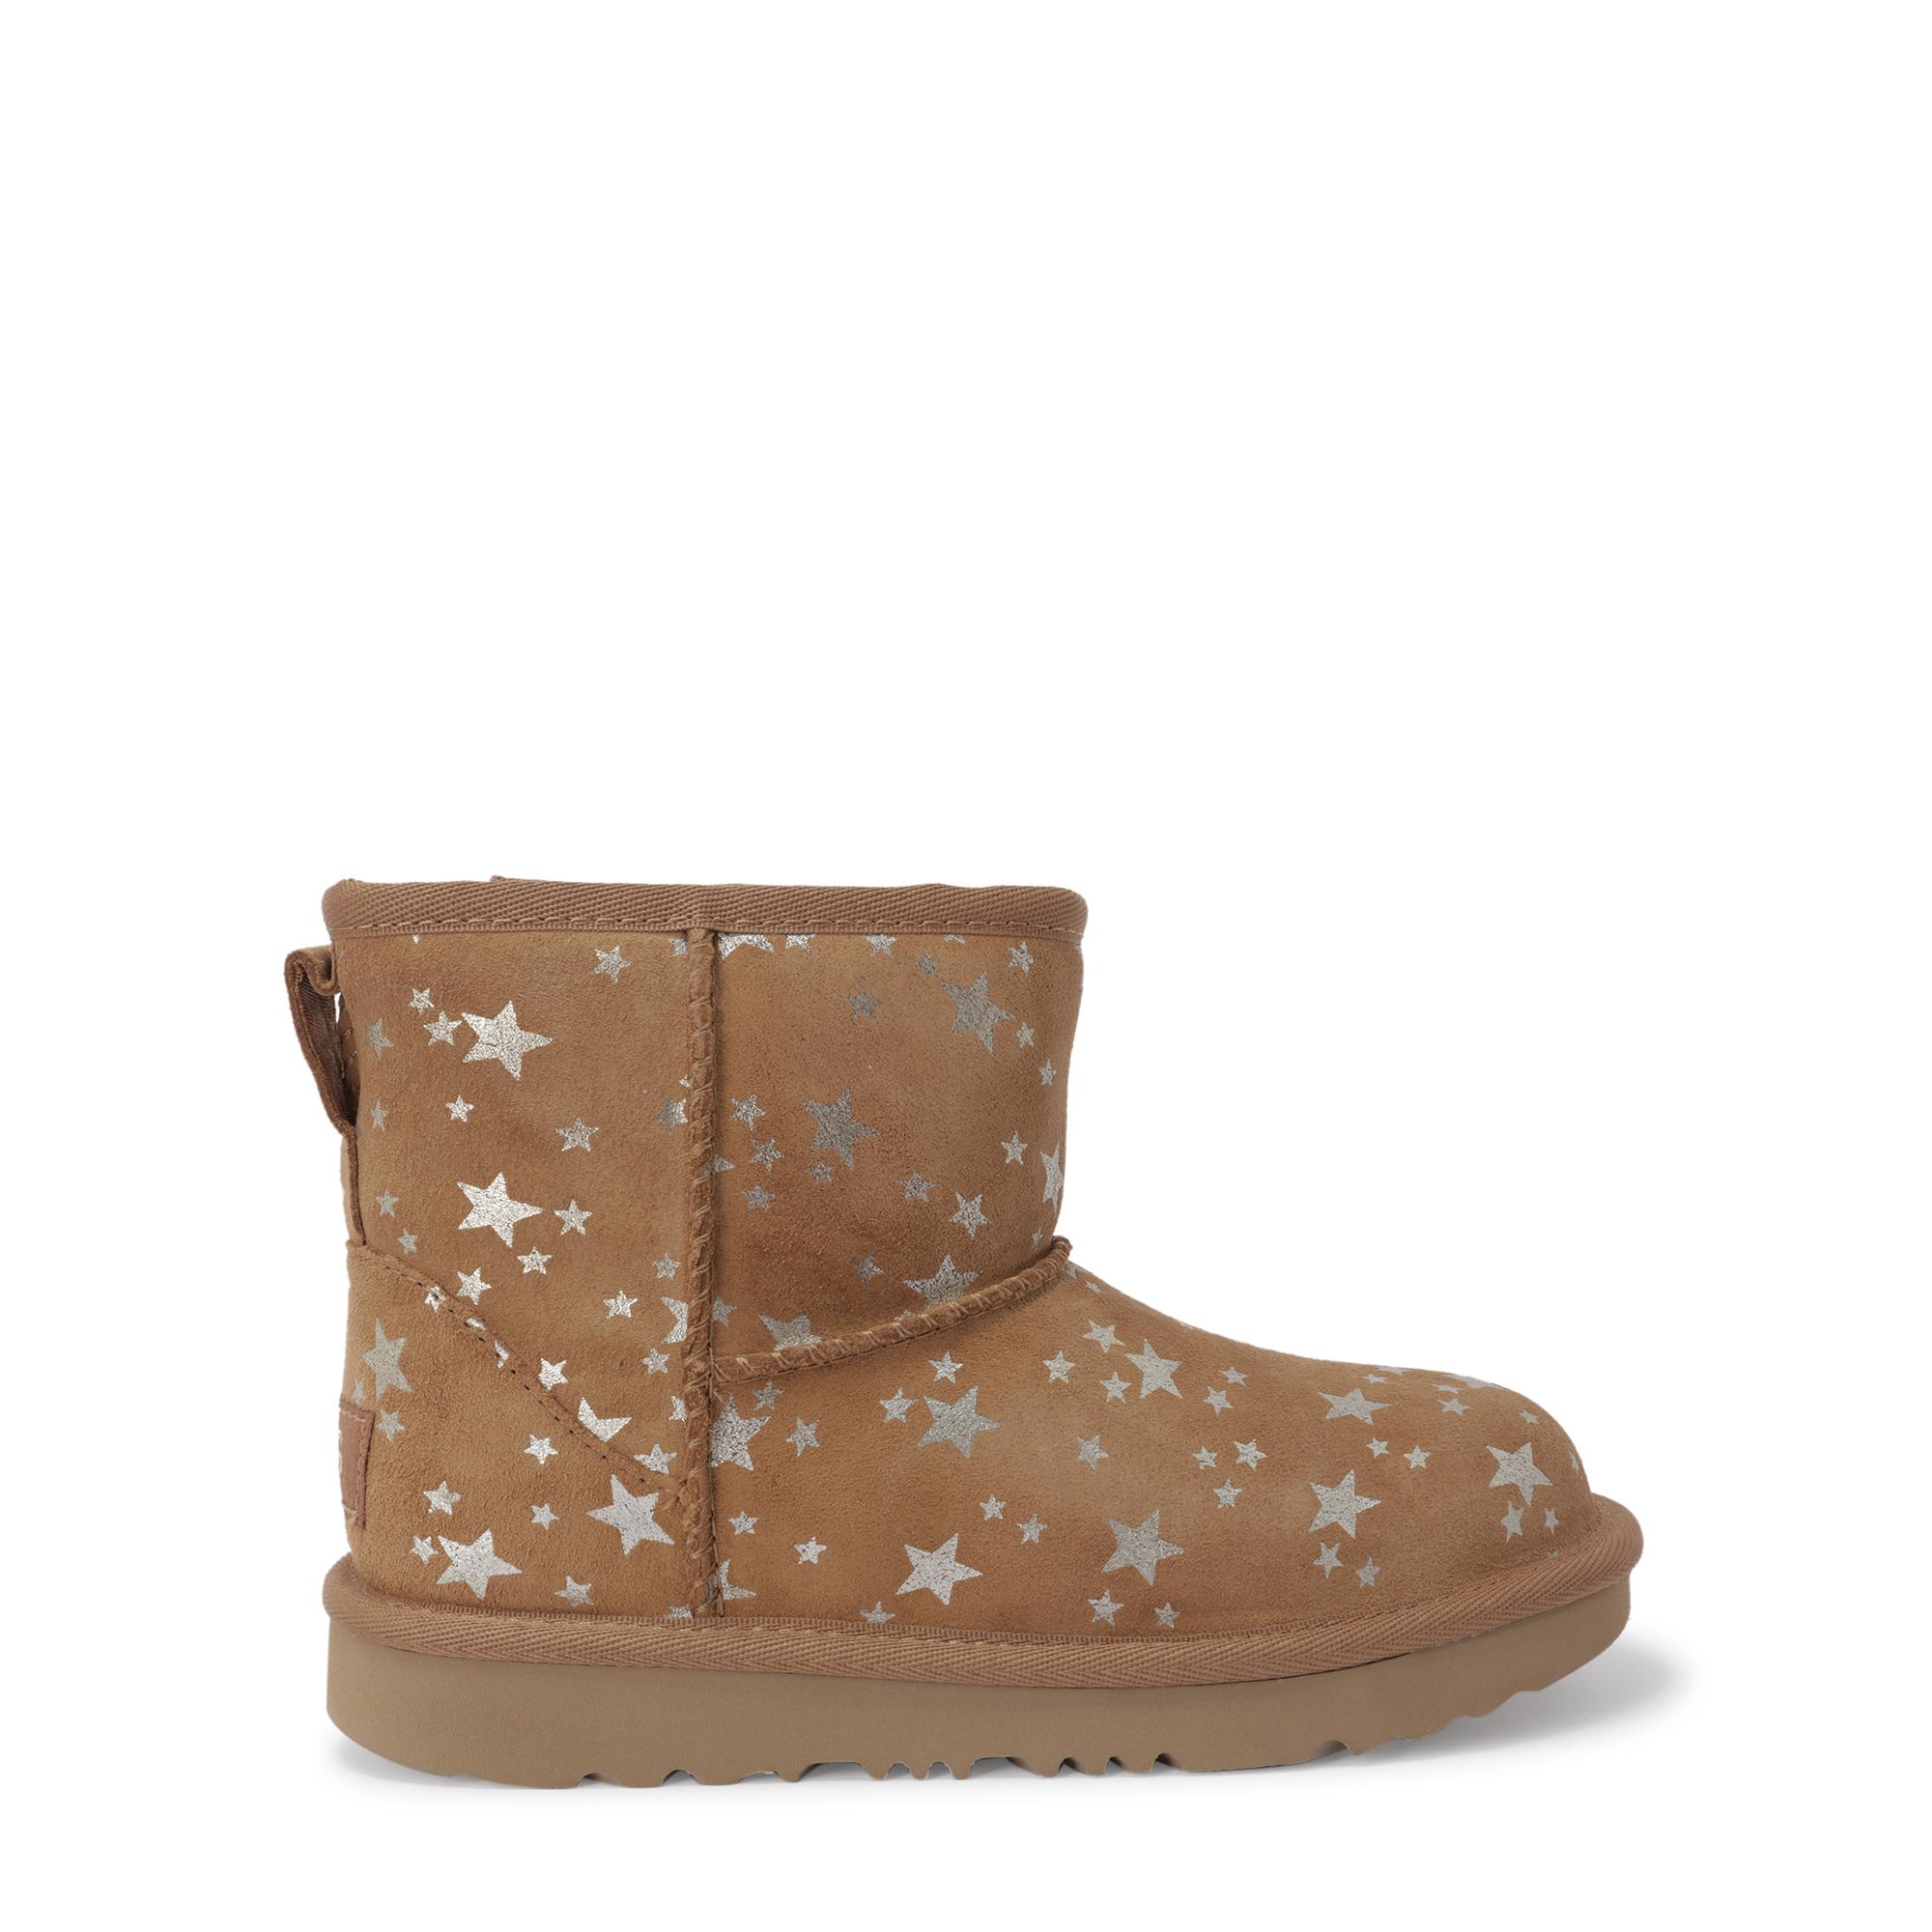 Classic II Star boots